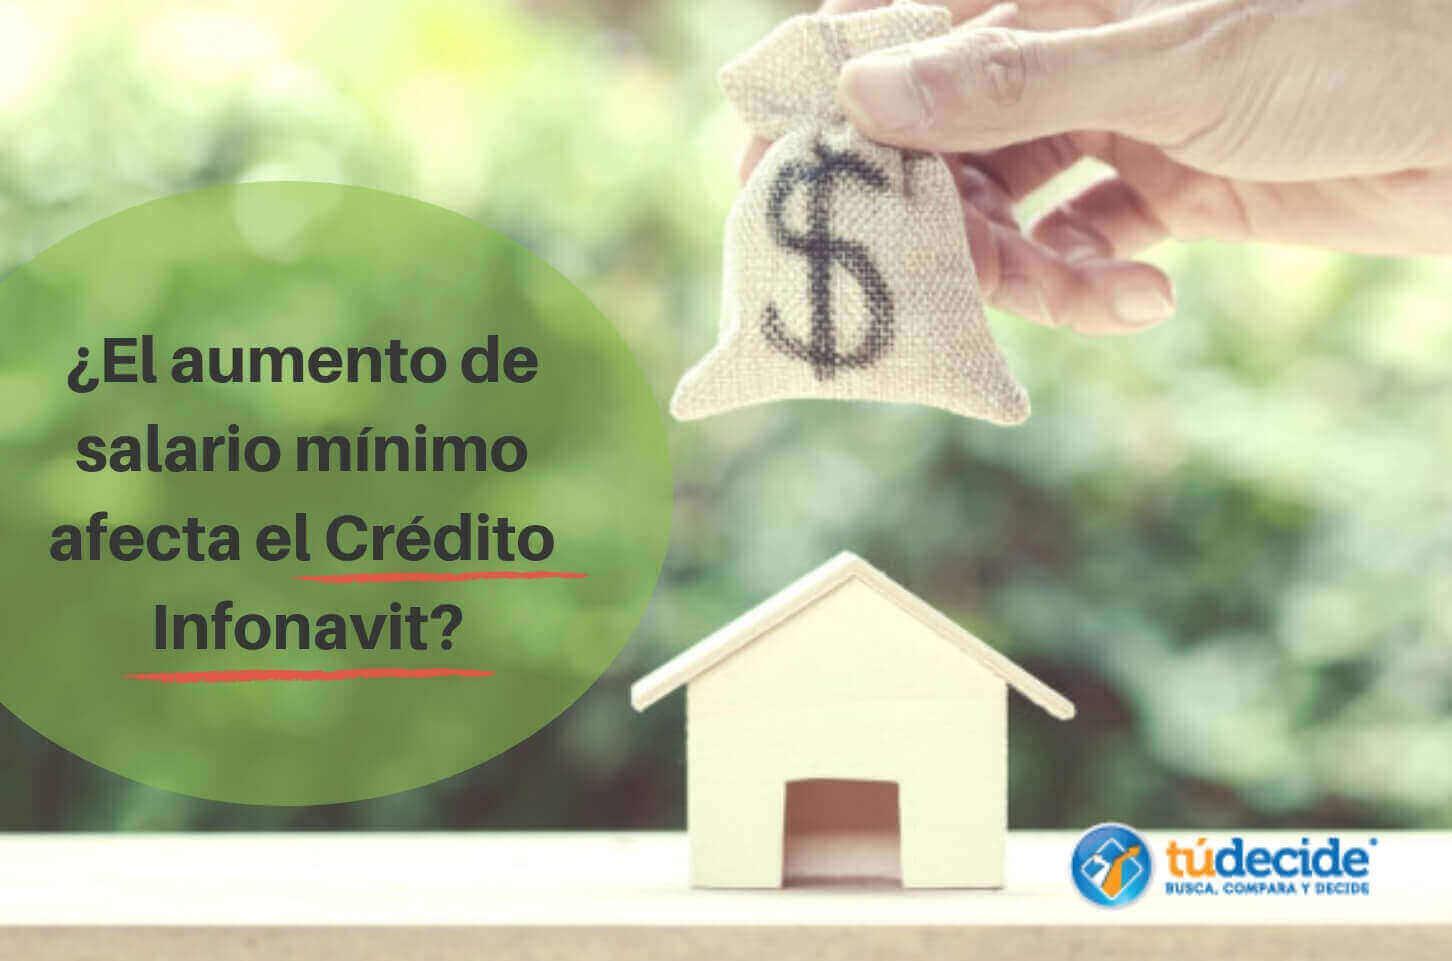 salario mínimo afecta el Crédito Infonavit